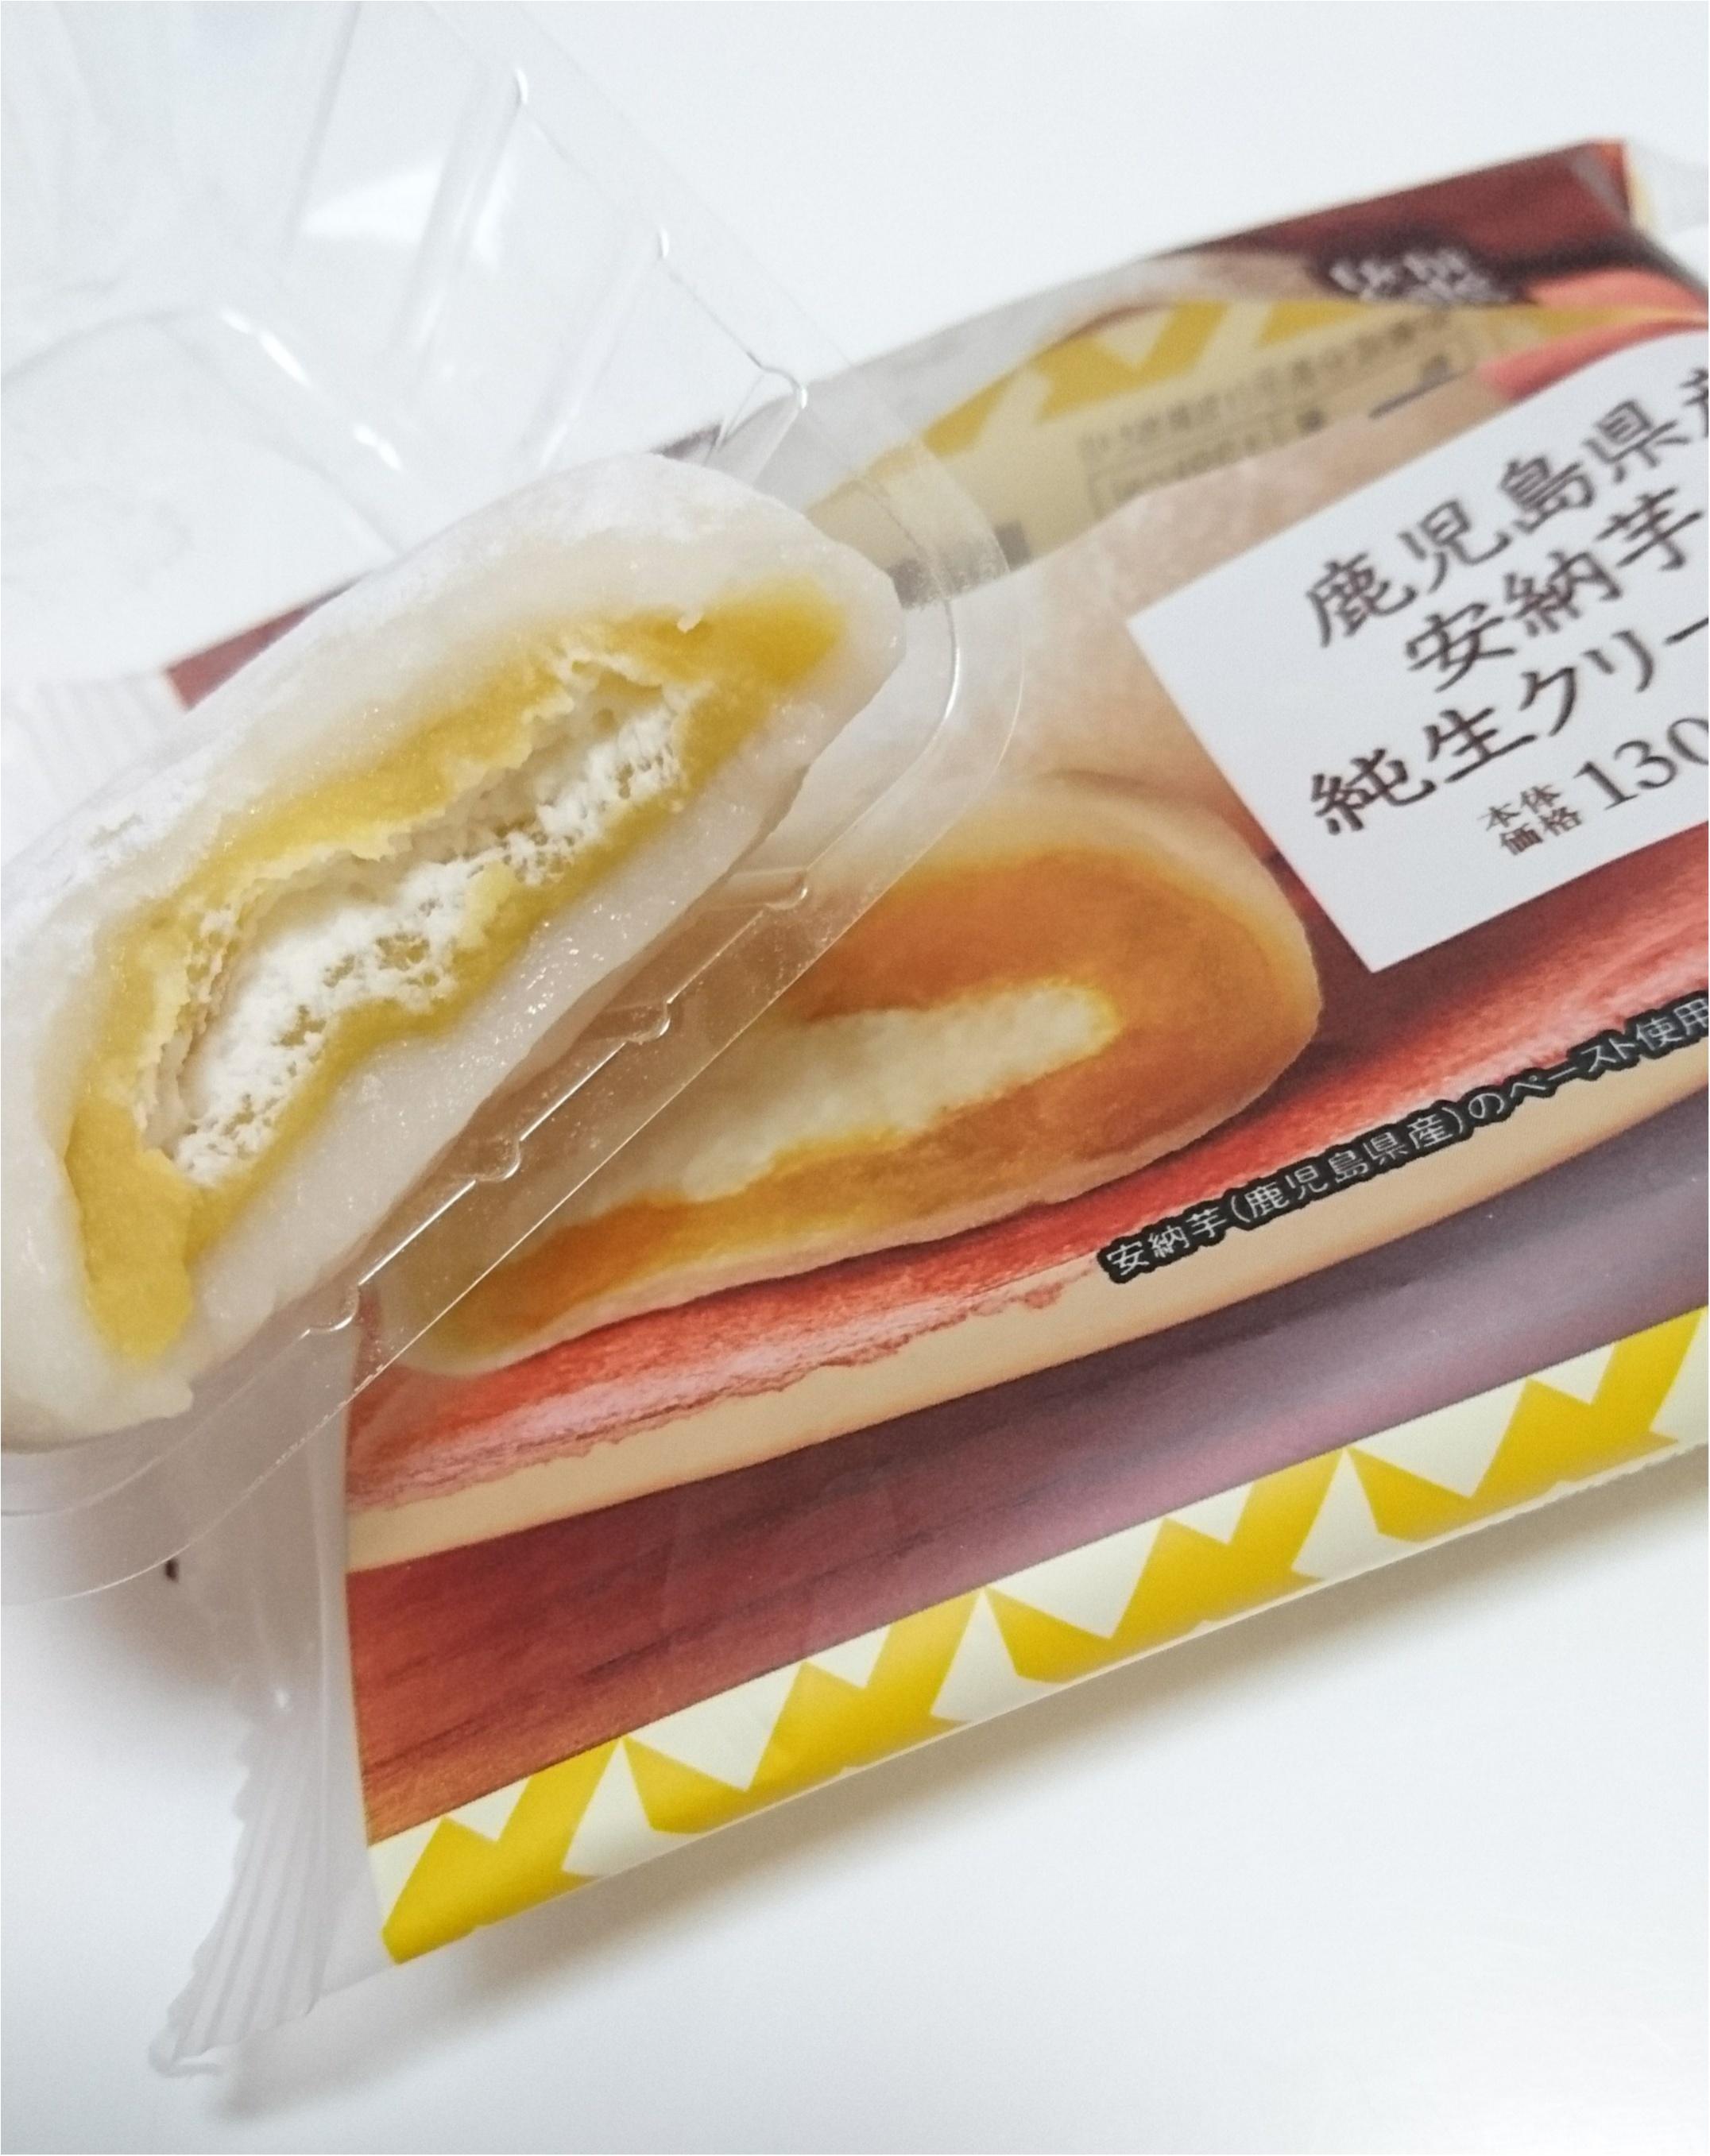 【コンビニスイーツ】お芋のおいしい季節がやってきました!_2